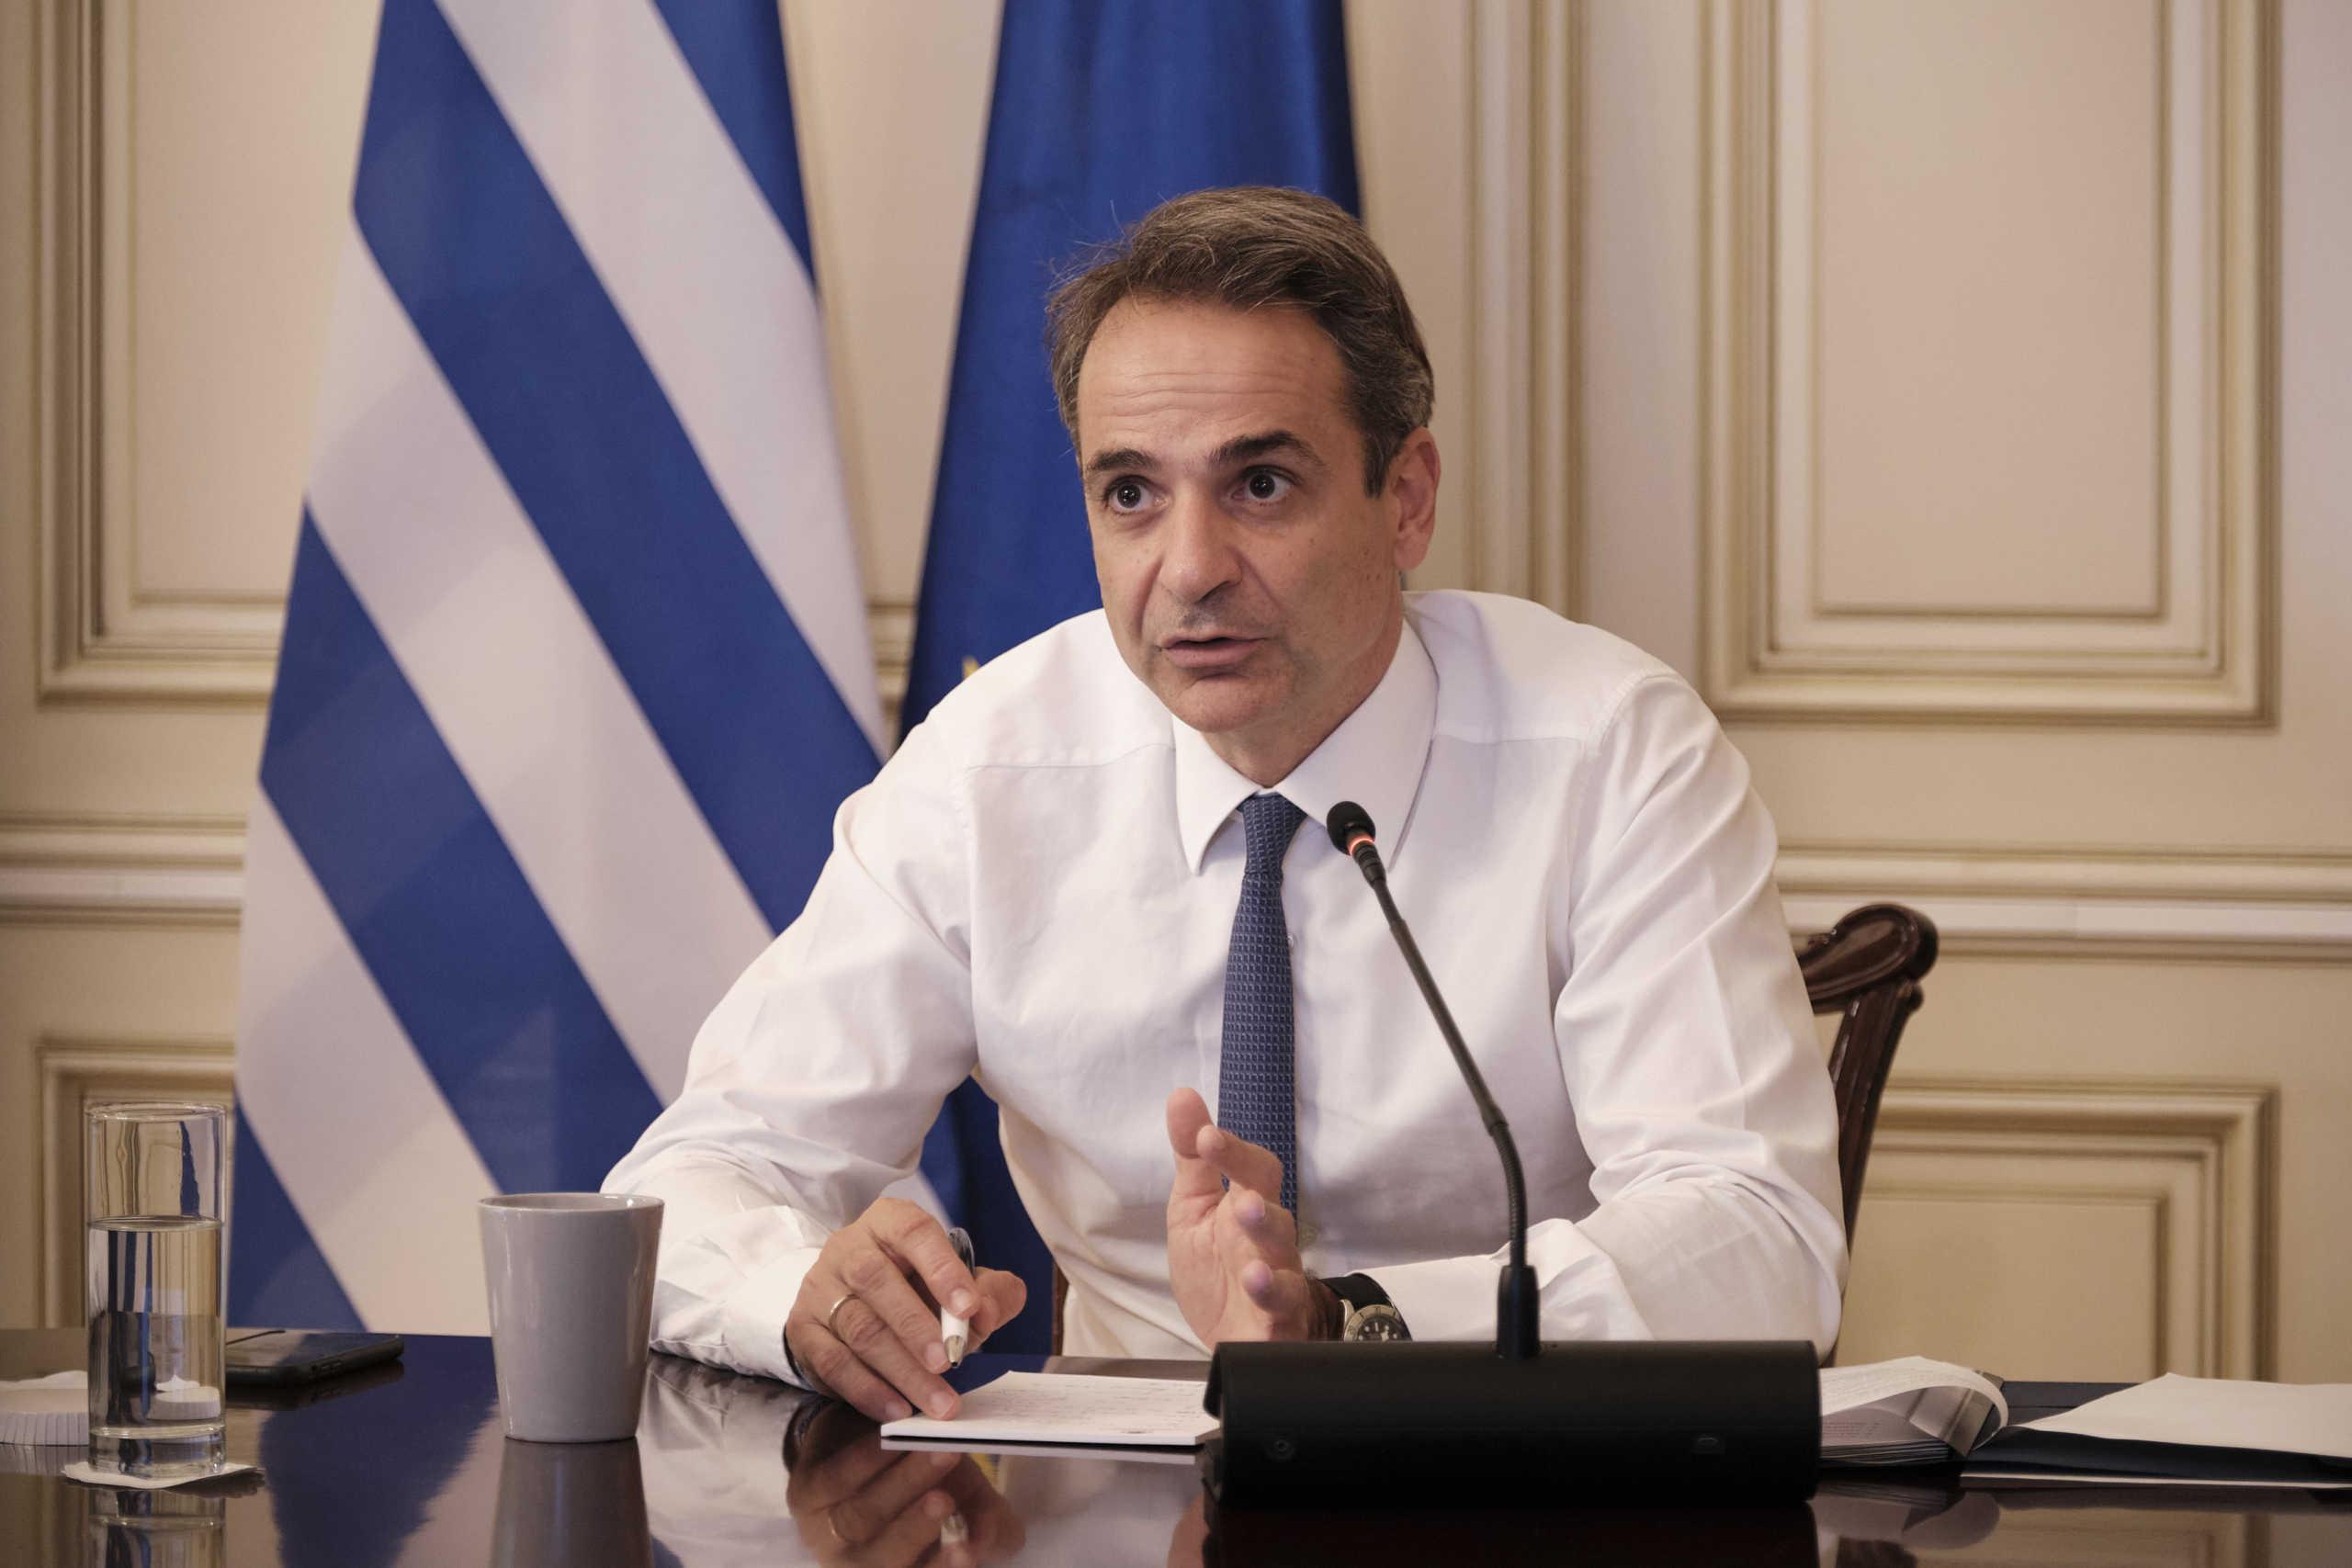 Μητσοτάκης σε ΕΛΚ: Η Τουρκία να δείξει συνέπεια τερματίζοντας τις προκλήσεις στην Κυπριακή ΑΟΖ